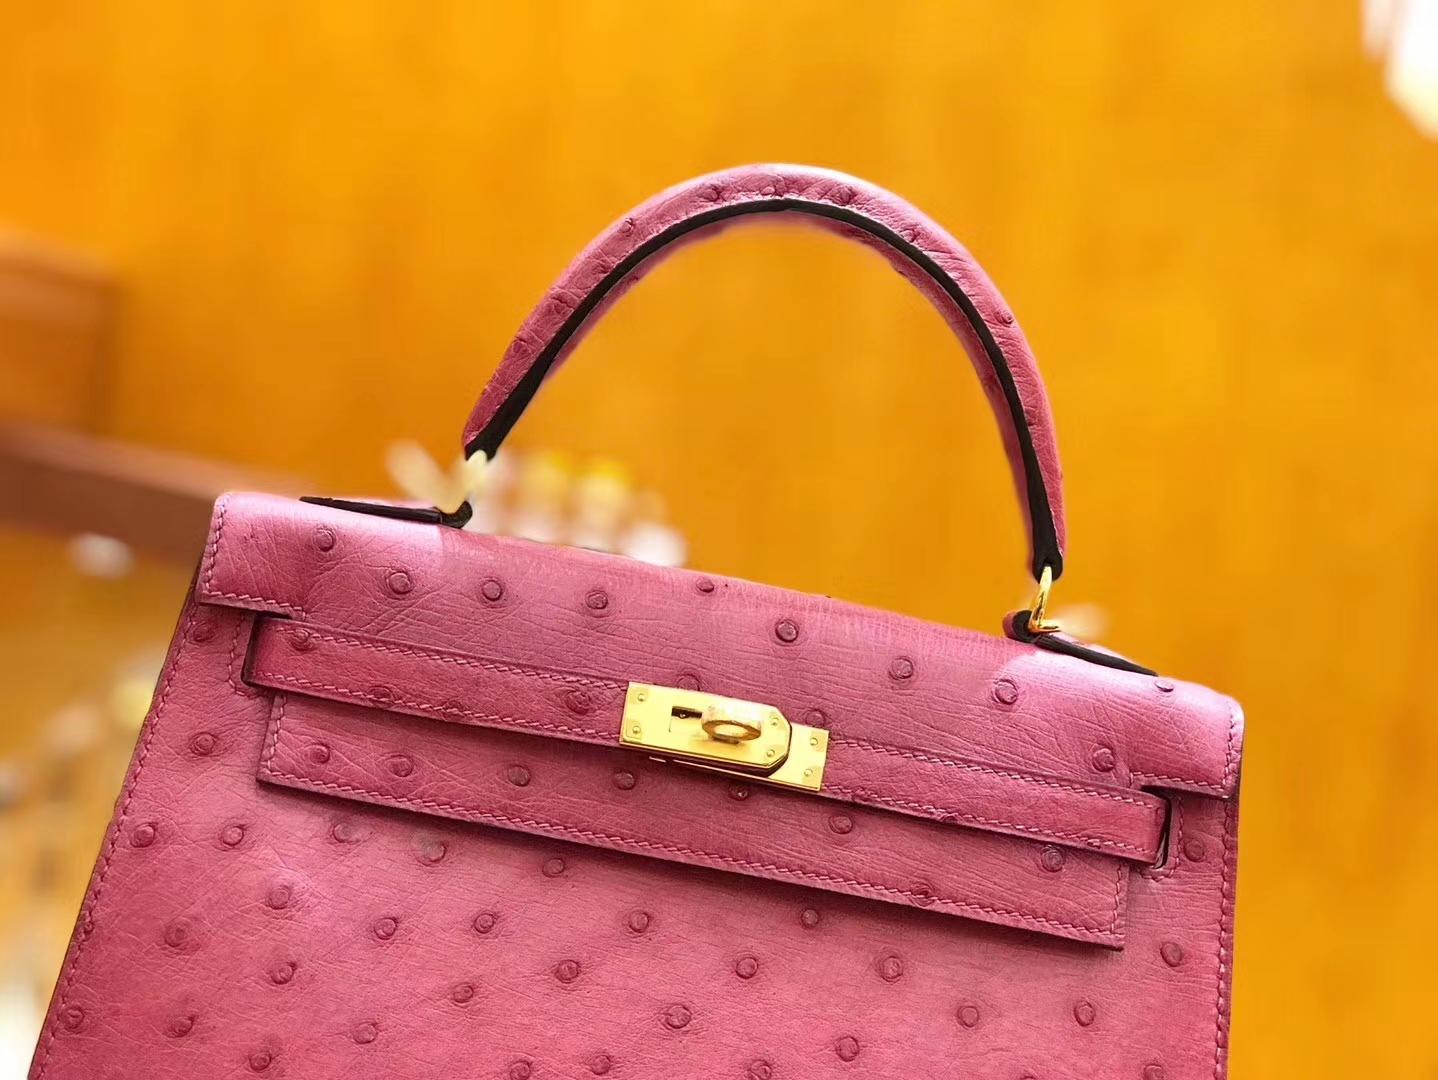 Hermès(爱马仕)Kelly 28cm 鸢尾紫 金扣 南非kk级鸵鸟皮 原版蜜蜡线 顶级手工缝制